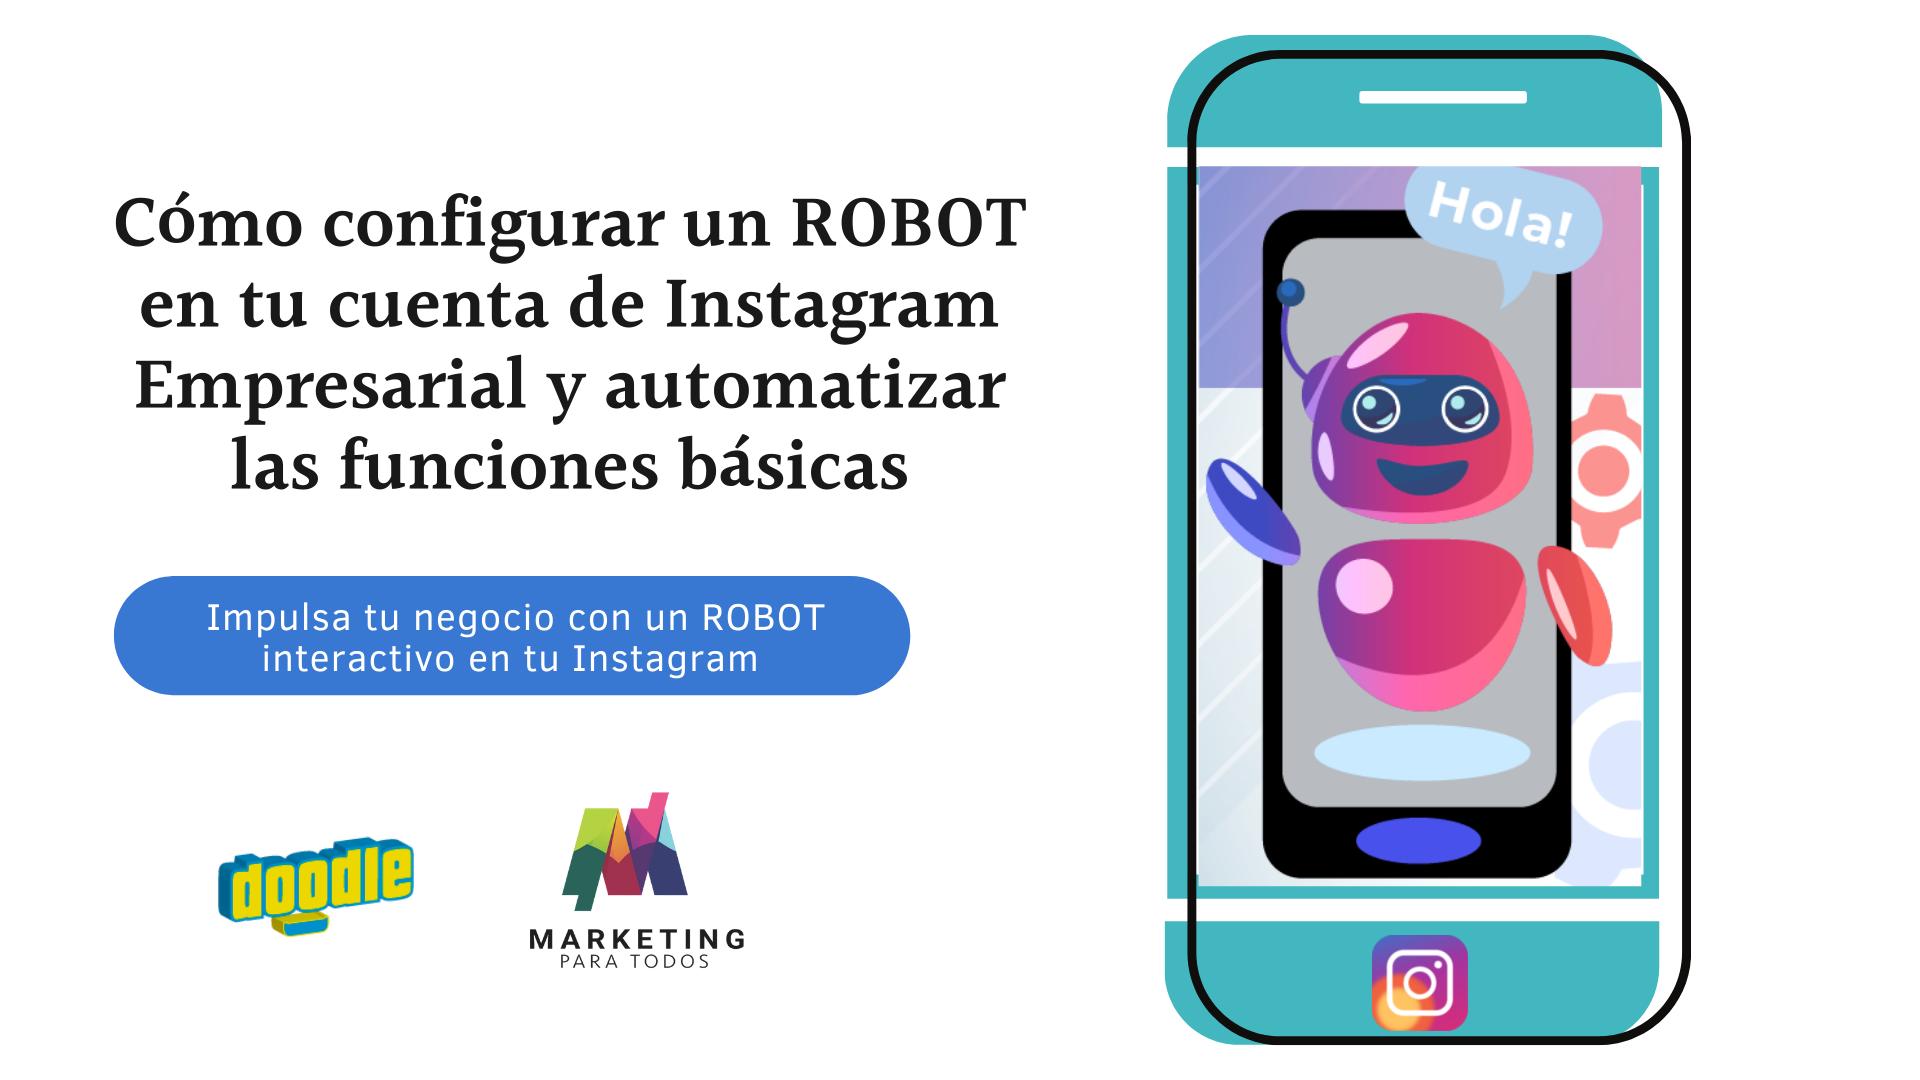 Cómo configurar un ROBOT en tu cuenta de Instagram Empresarial y automatizar las funciones básicas